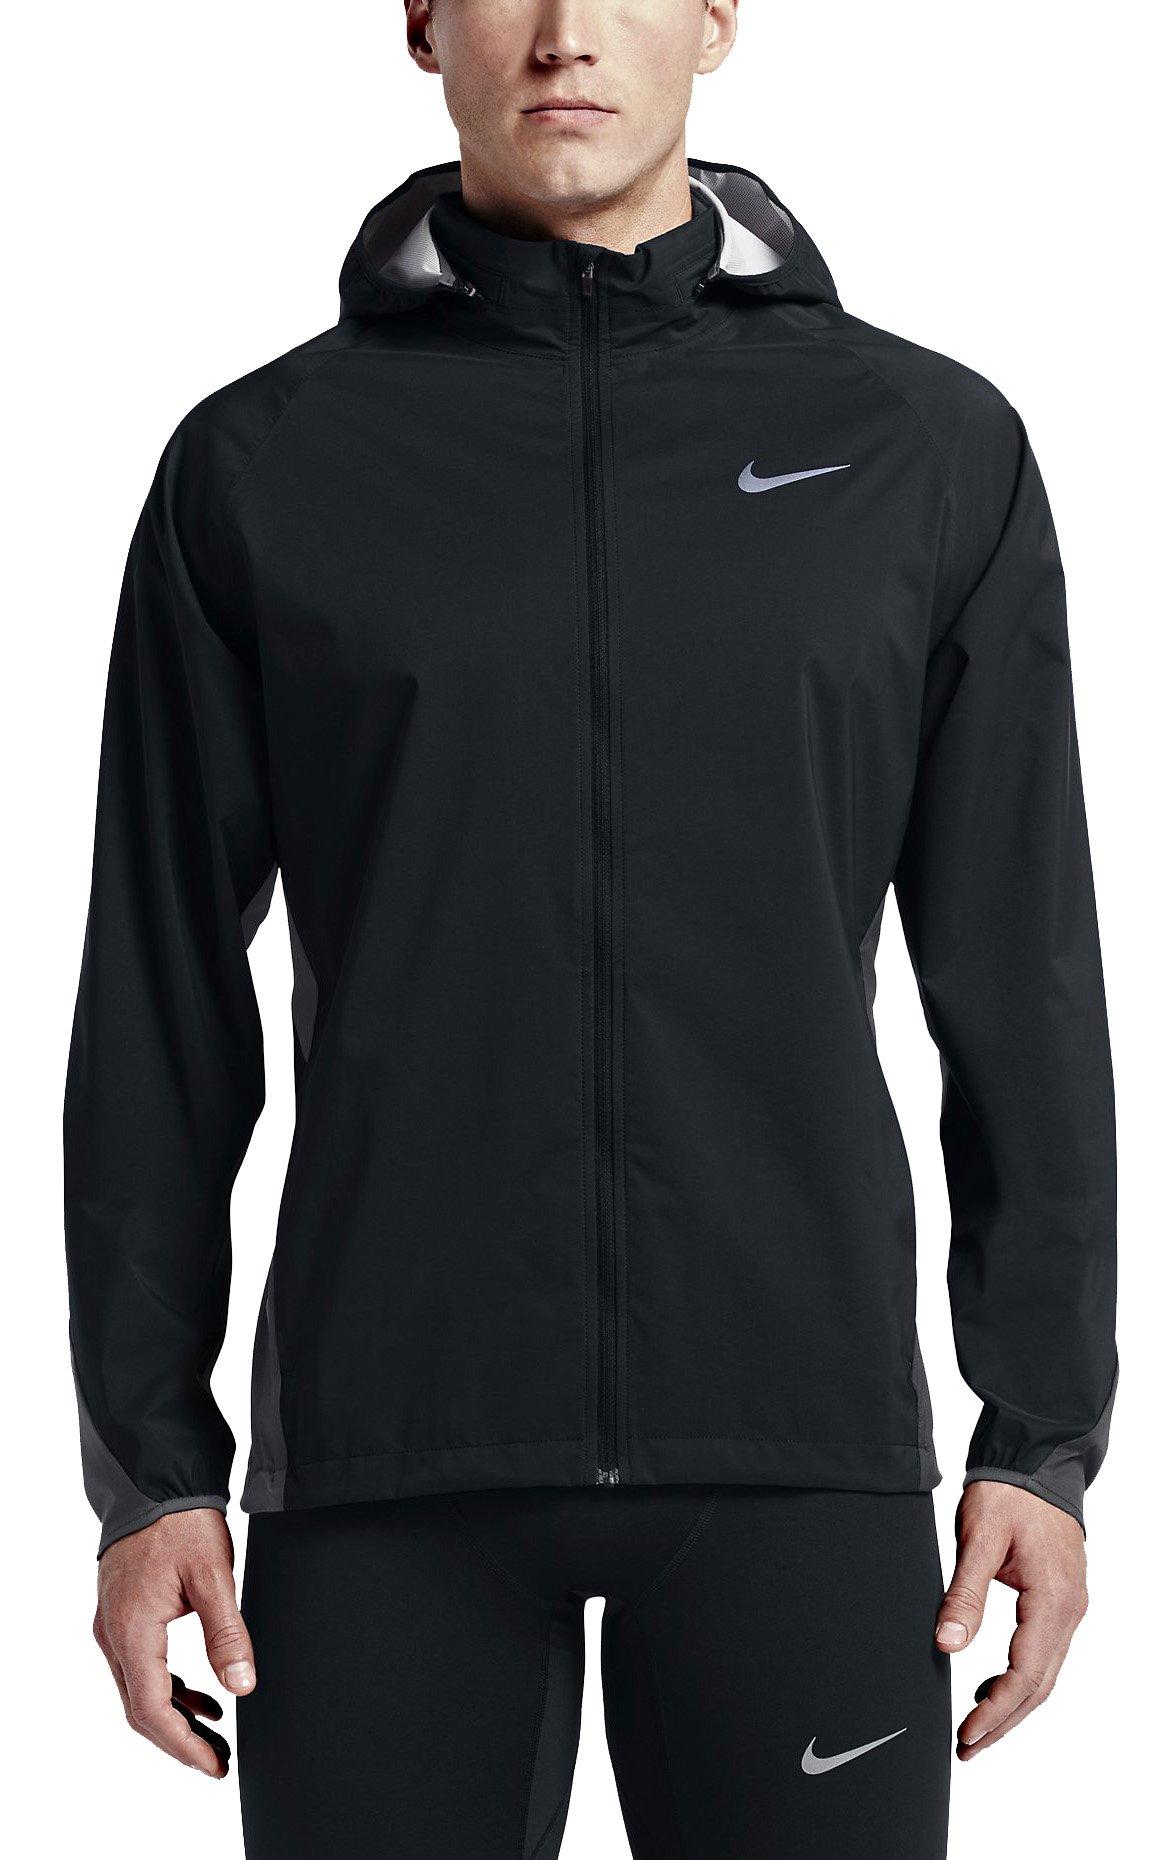 Běžecké bunda s kapucí Nike Shield